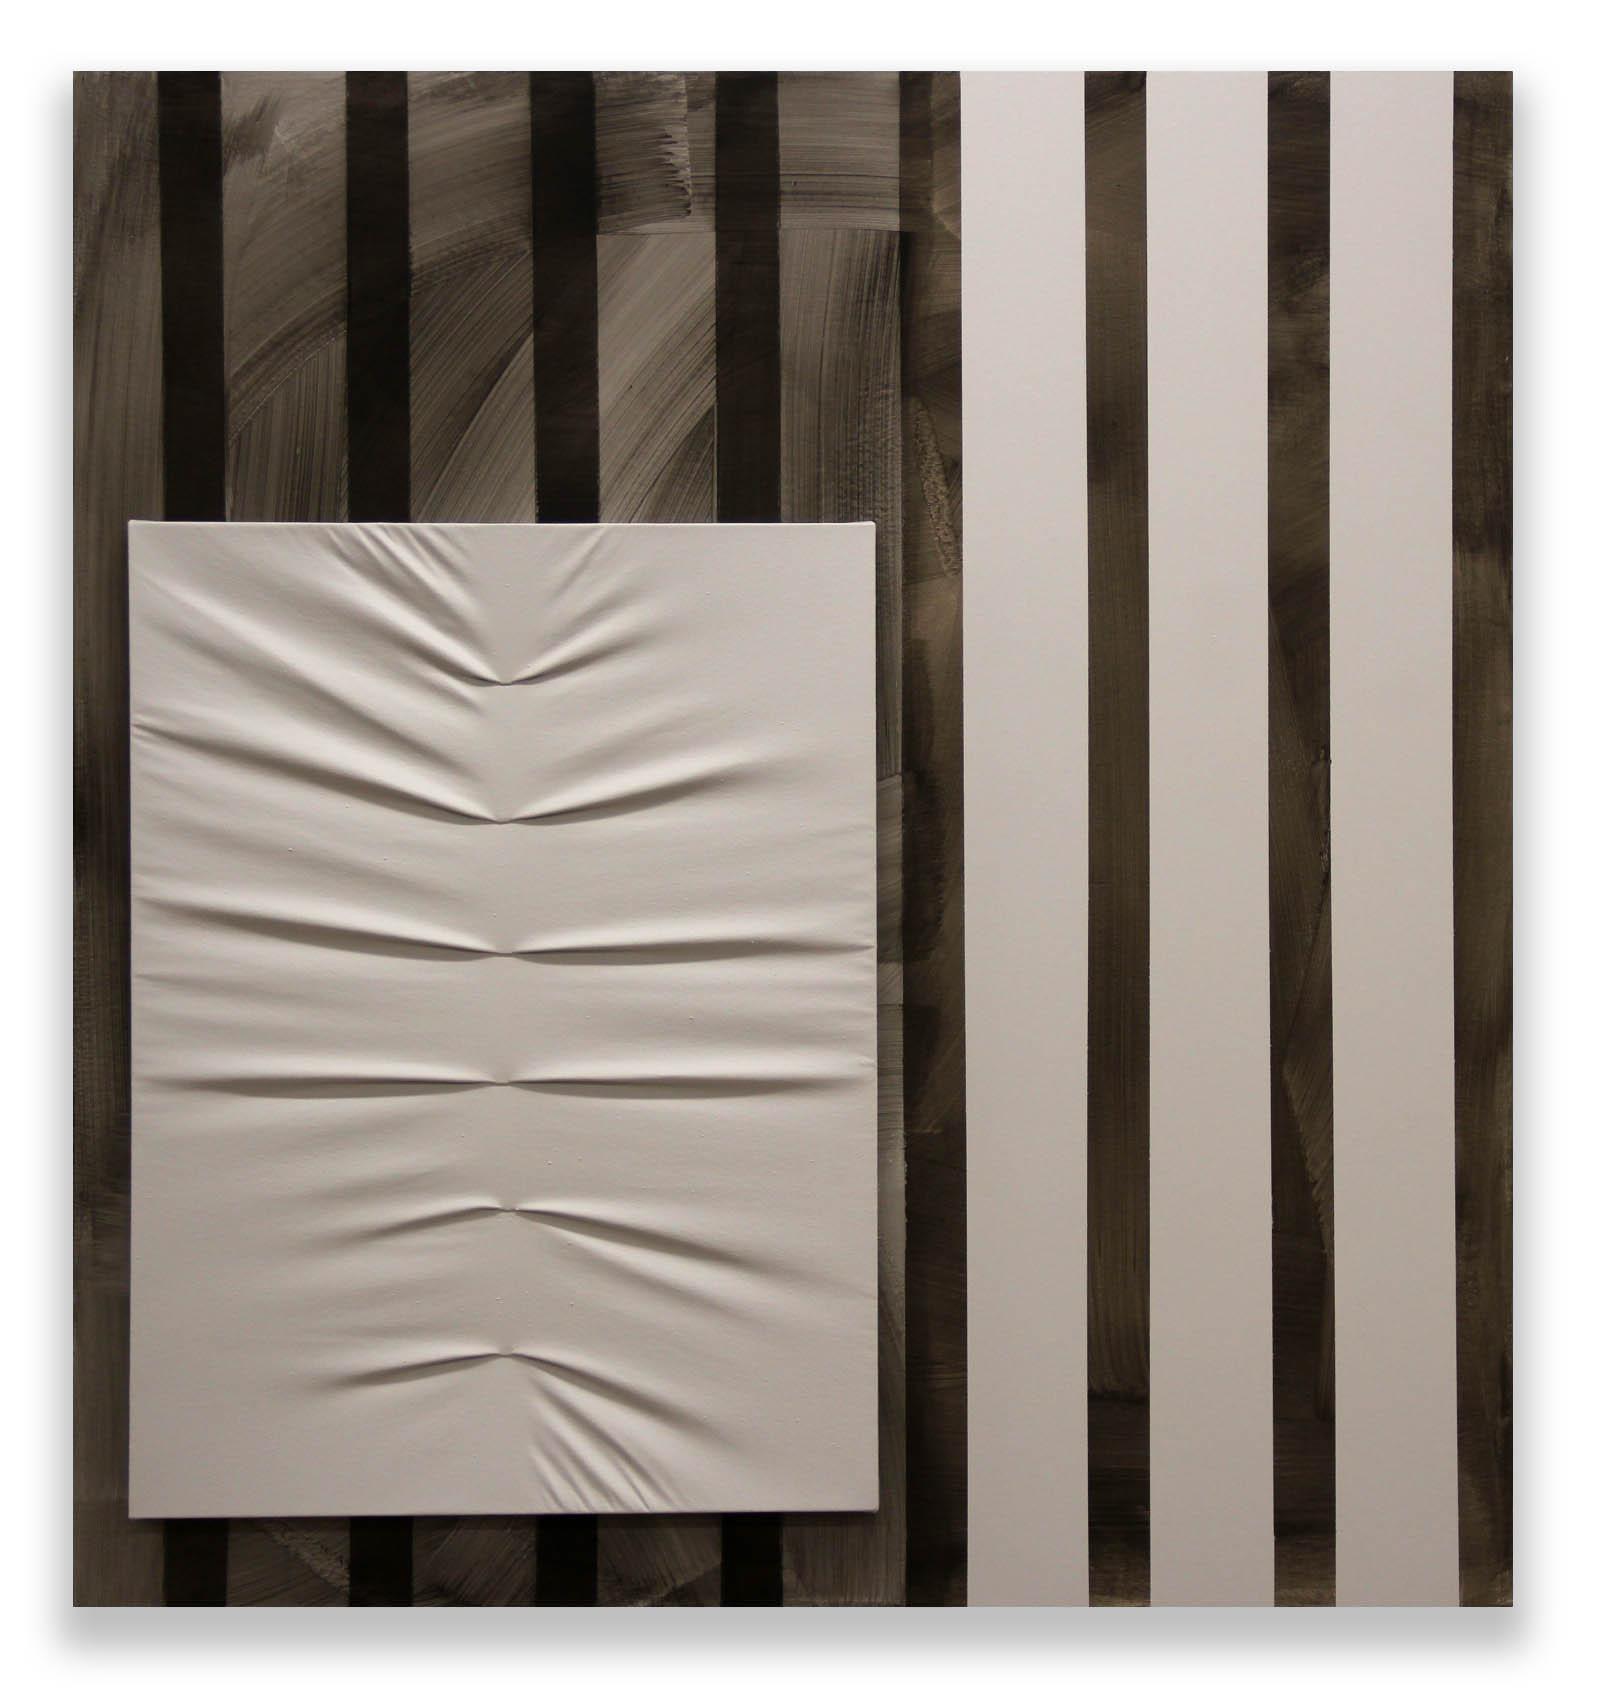 Neutral Balance  - 2017  Pigmento acrilico e bomboletta spray su tela montata su tavola  126,3 x 118 cm  Collezione Privata